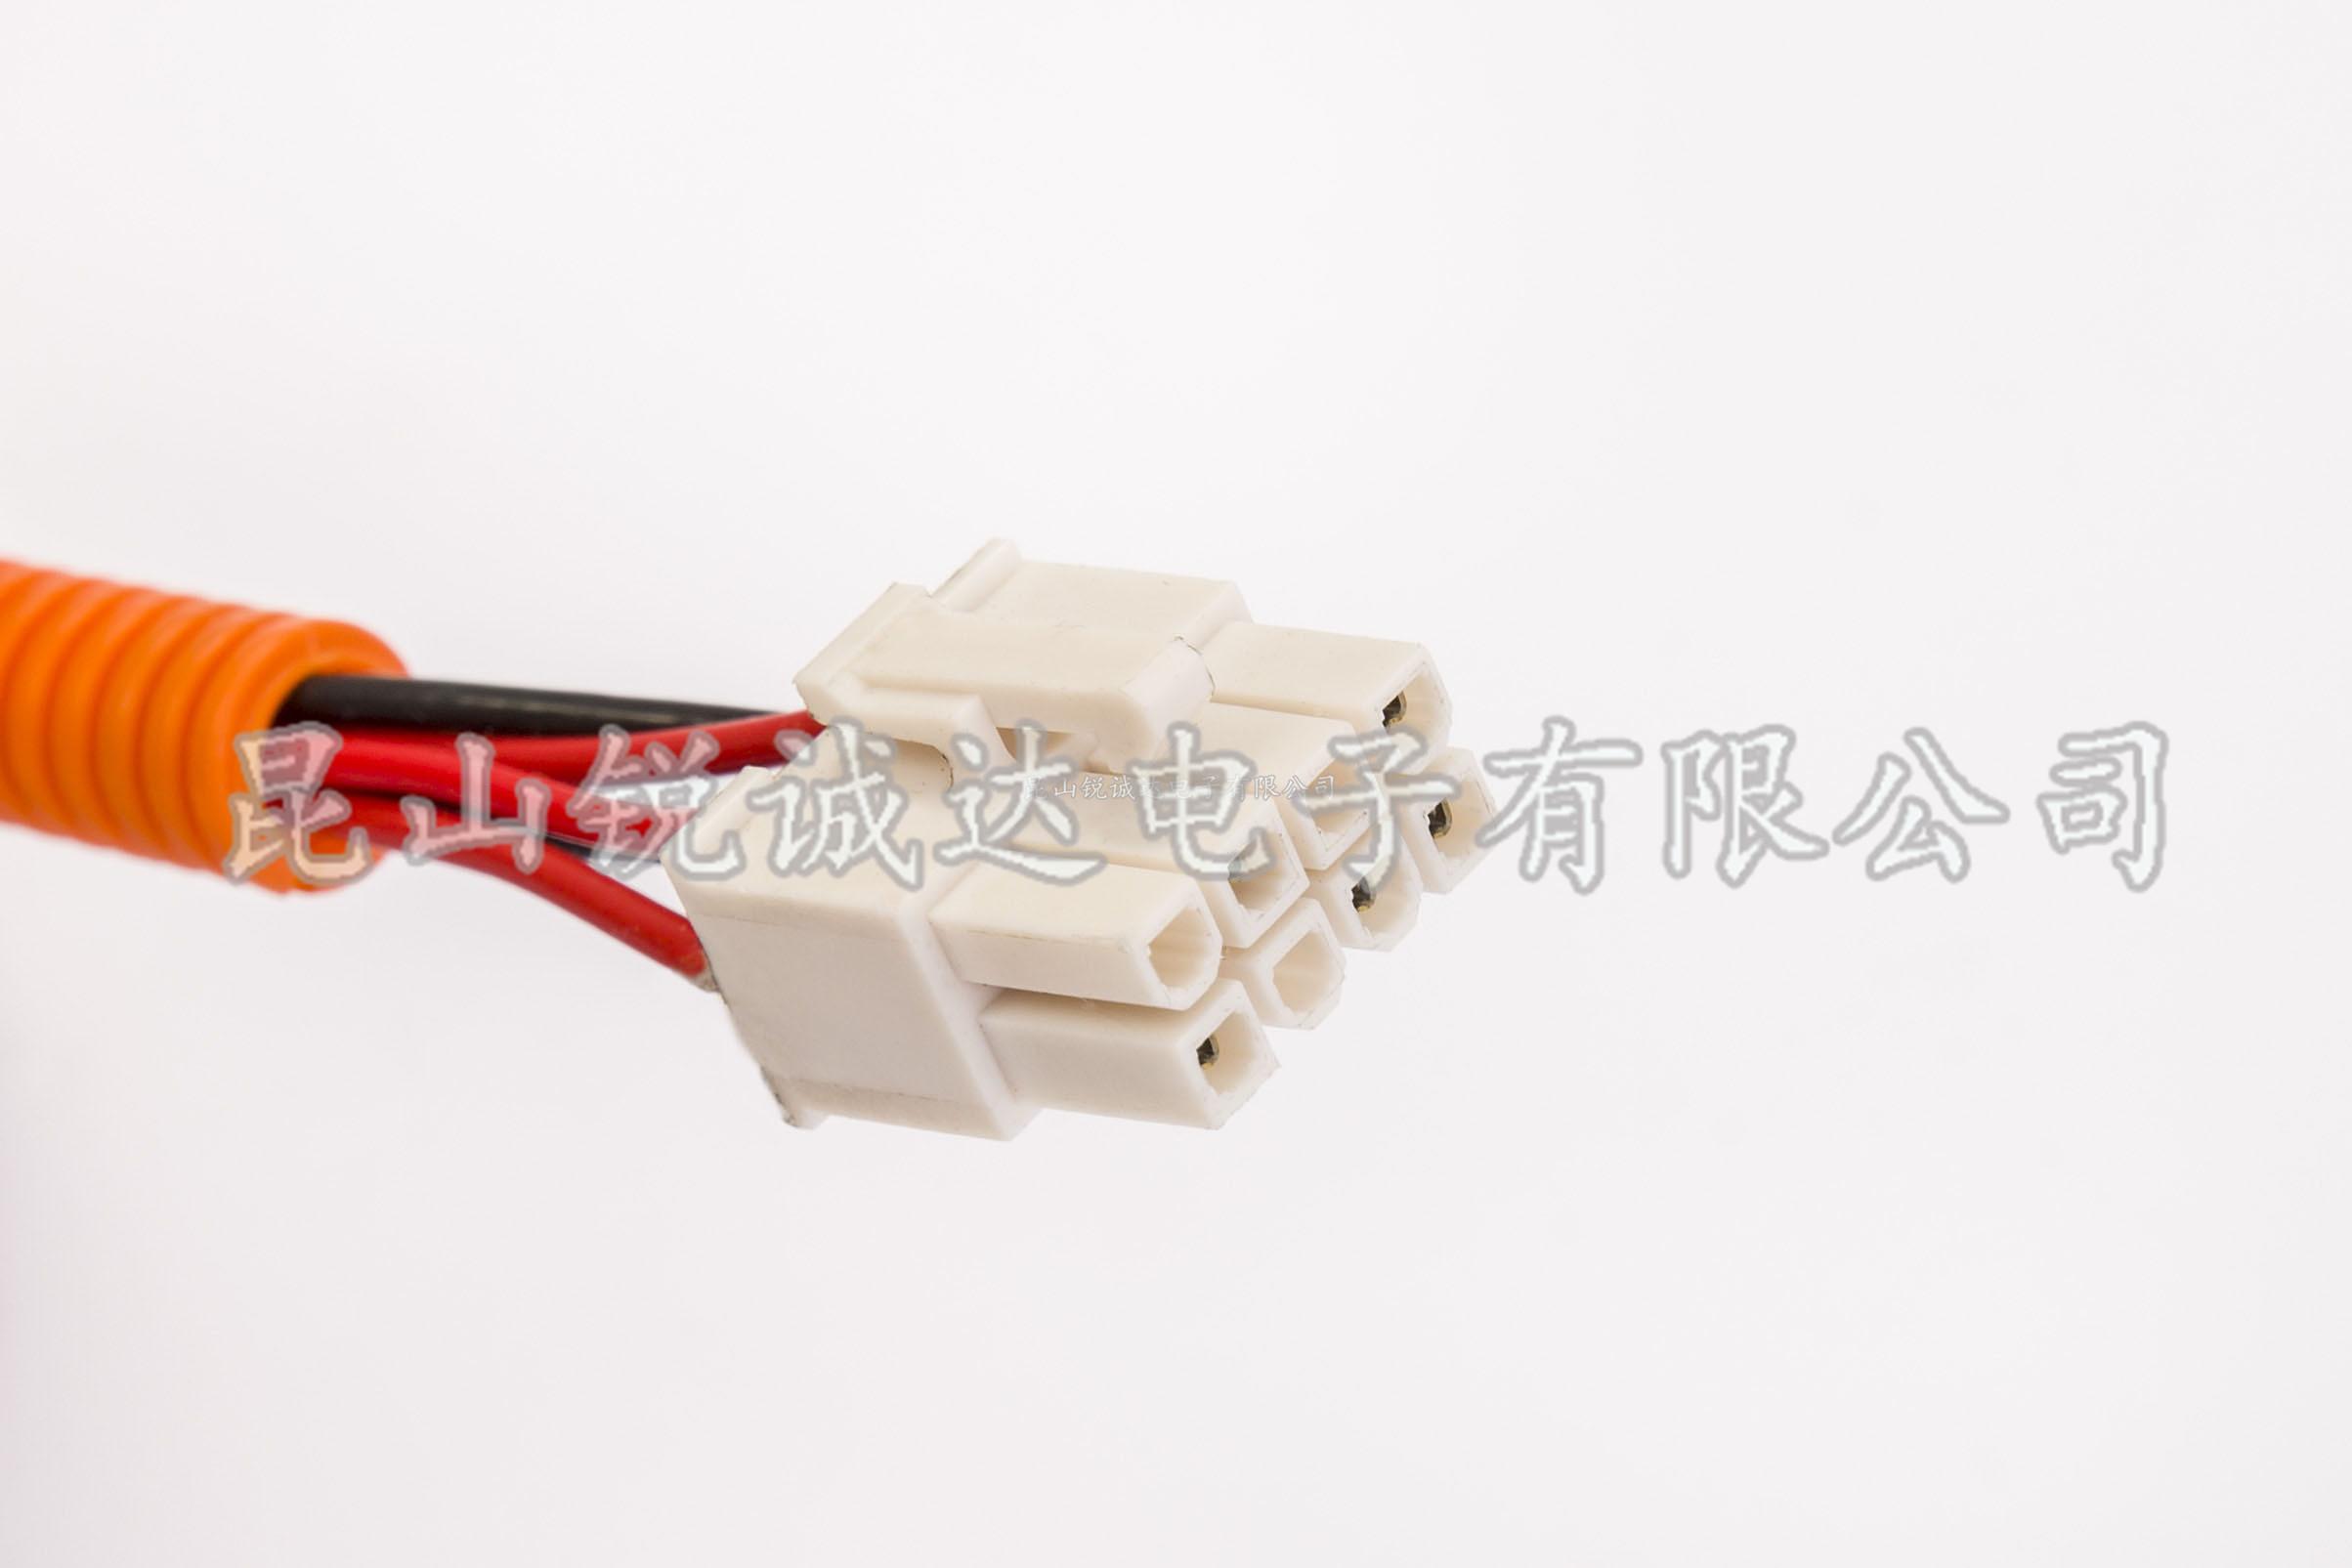 上海高质量采集线束批量加工 欢迎来电 锐诚达供